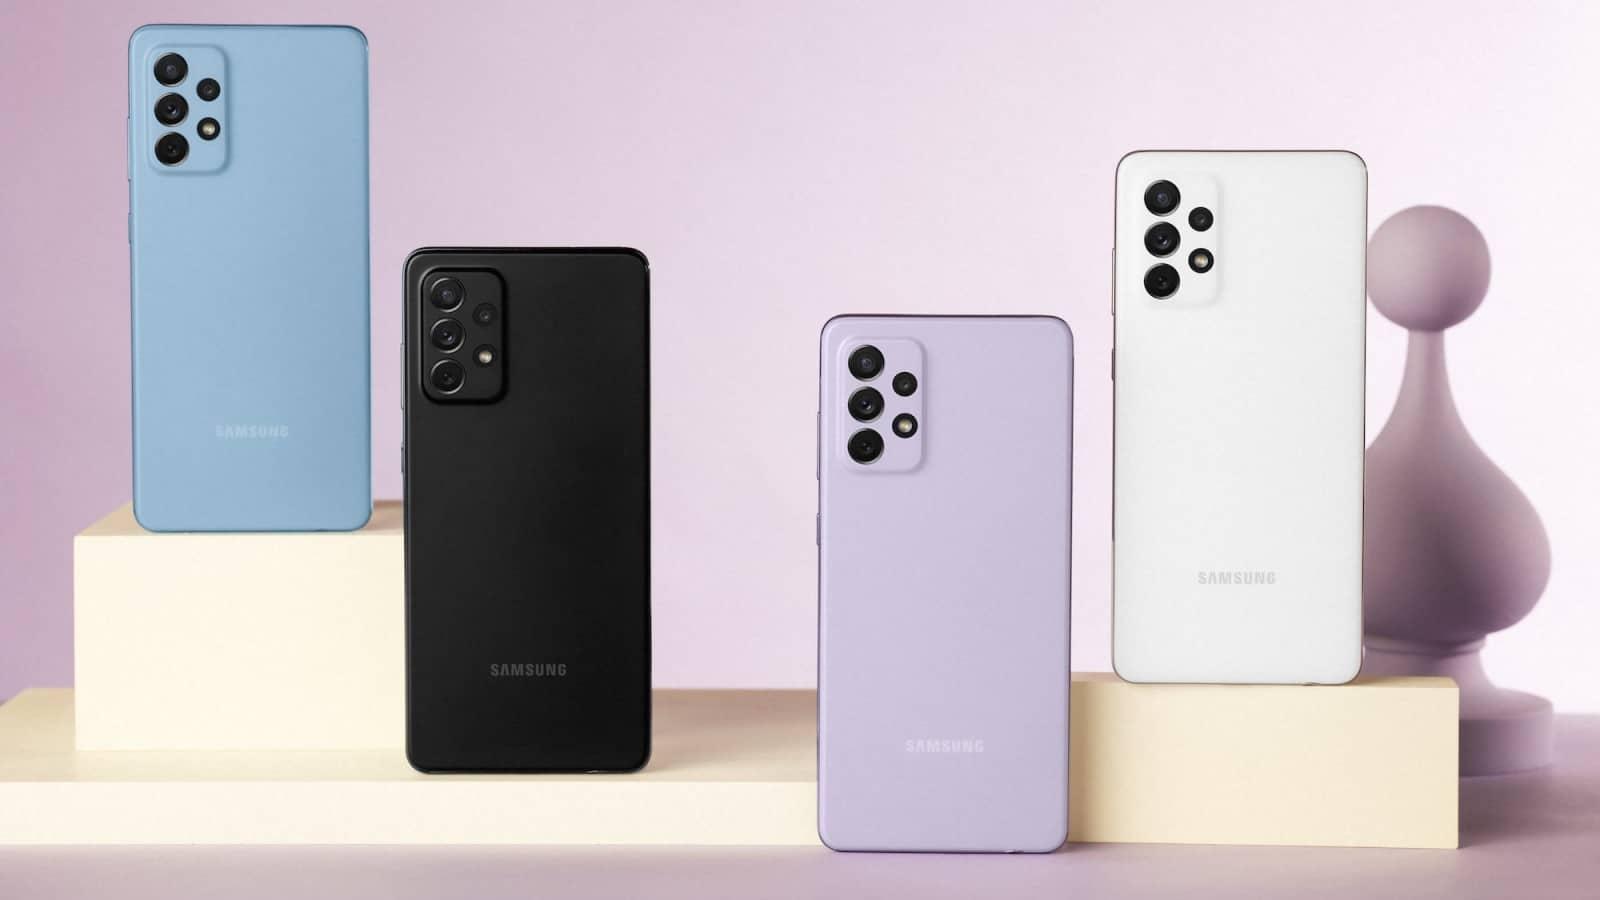 samsung galaxy a72 smartphones